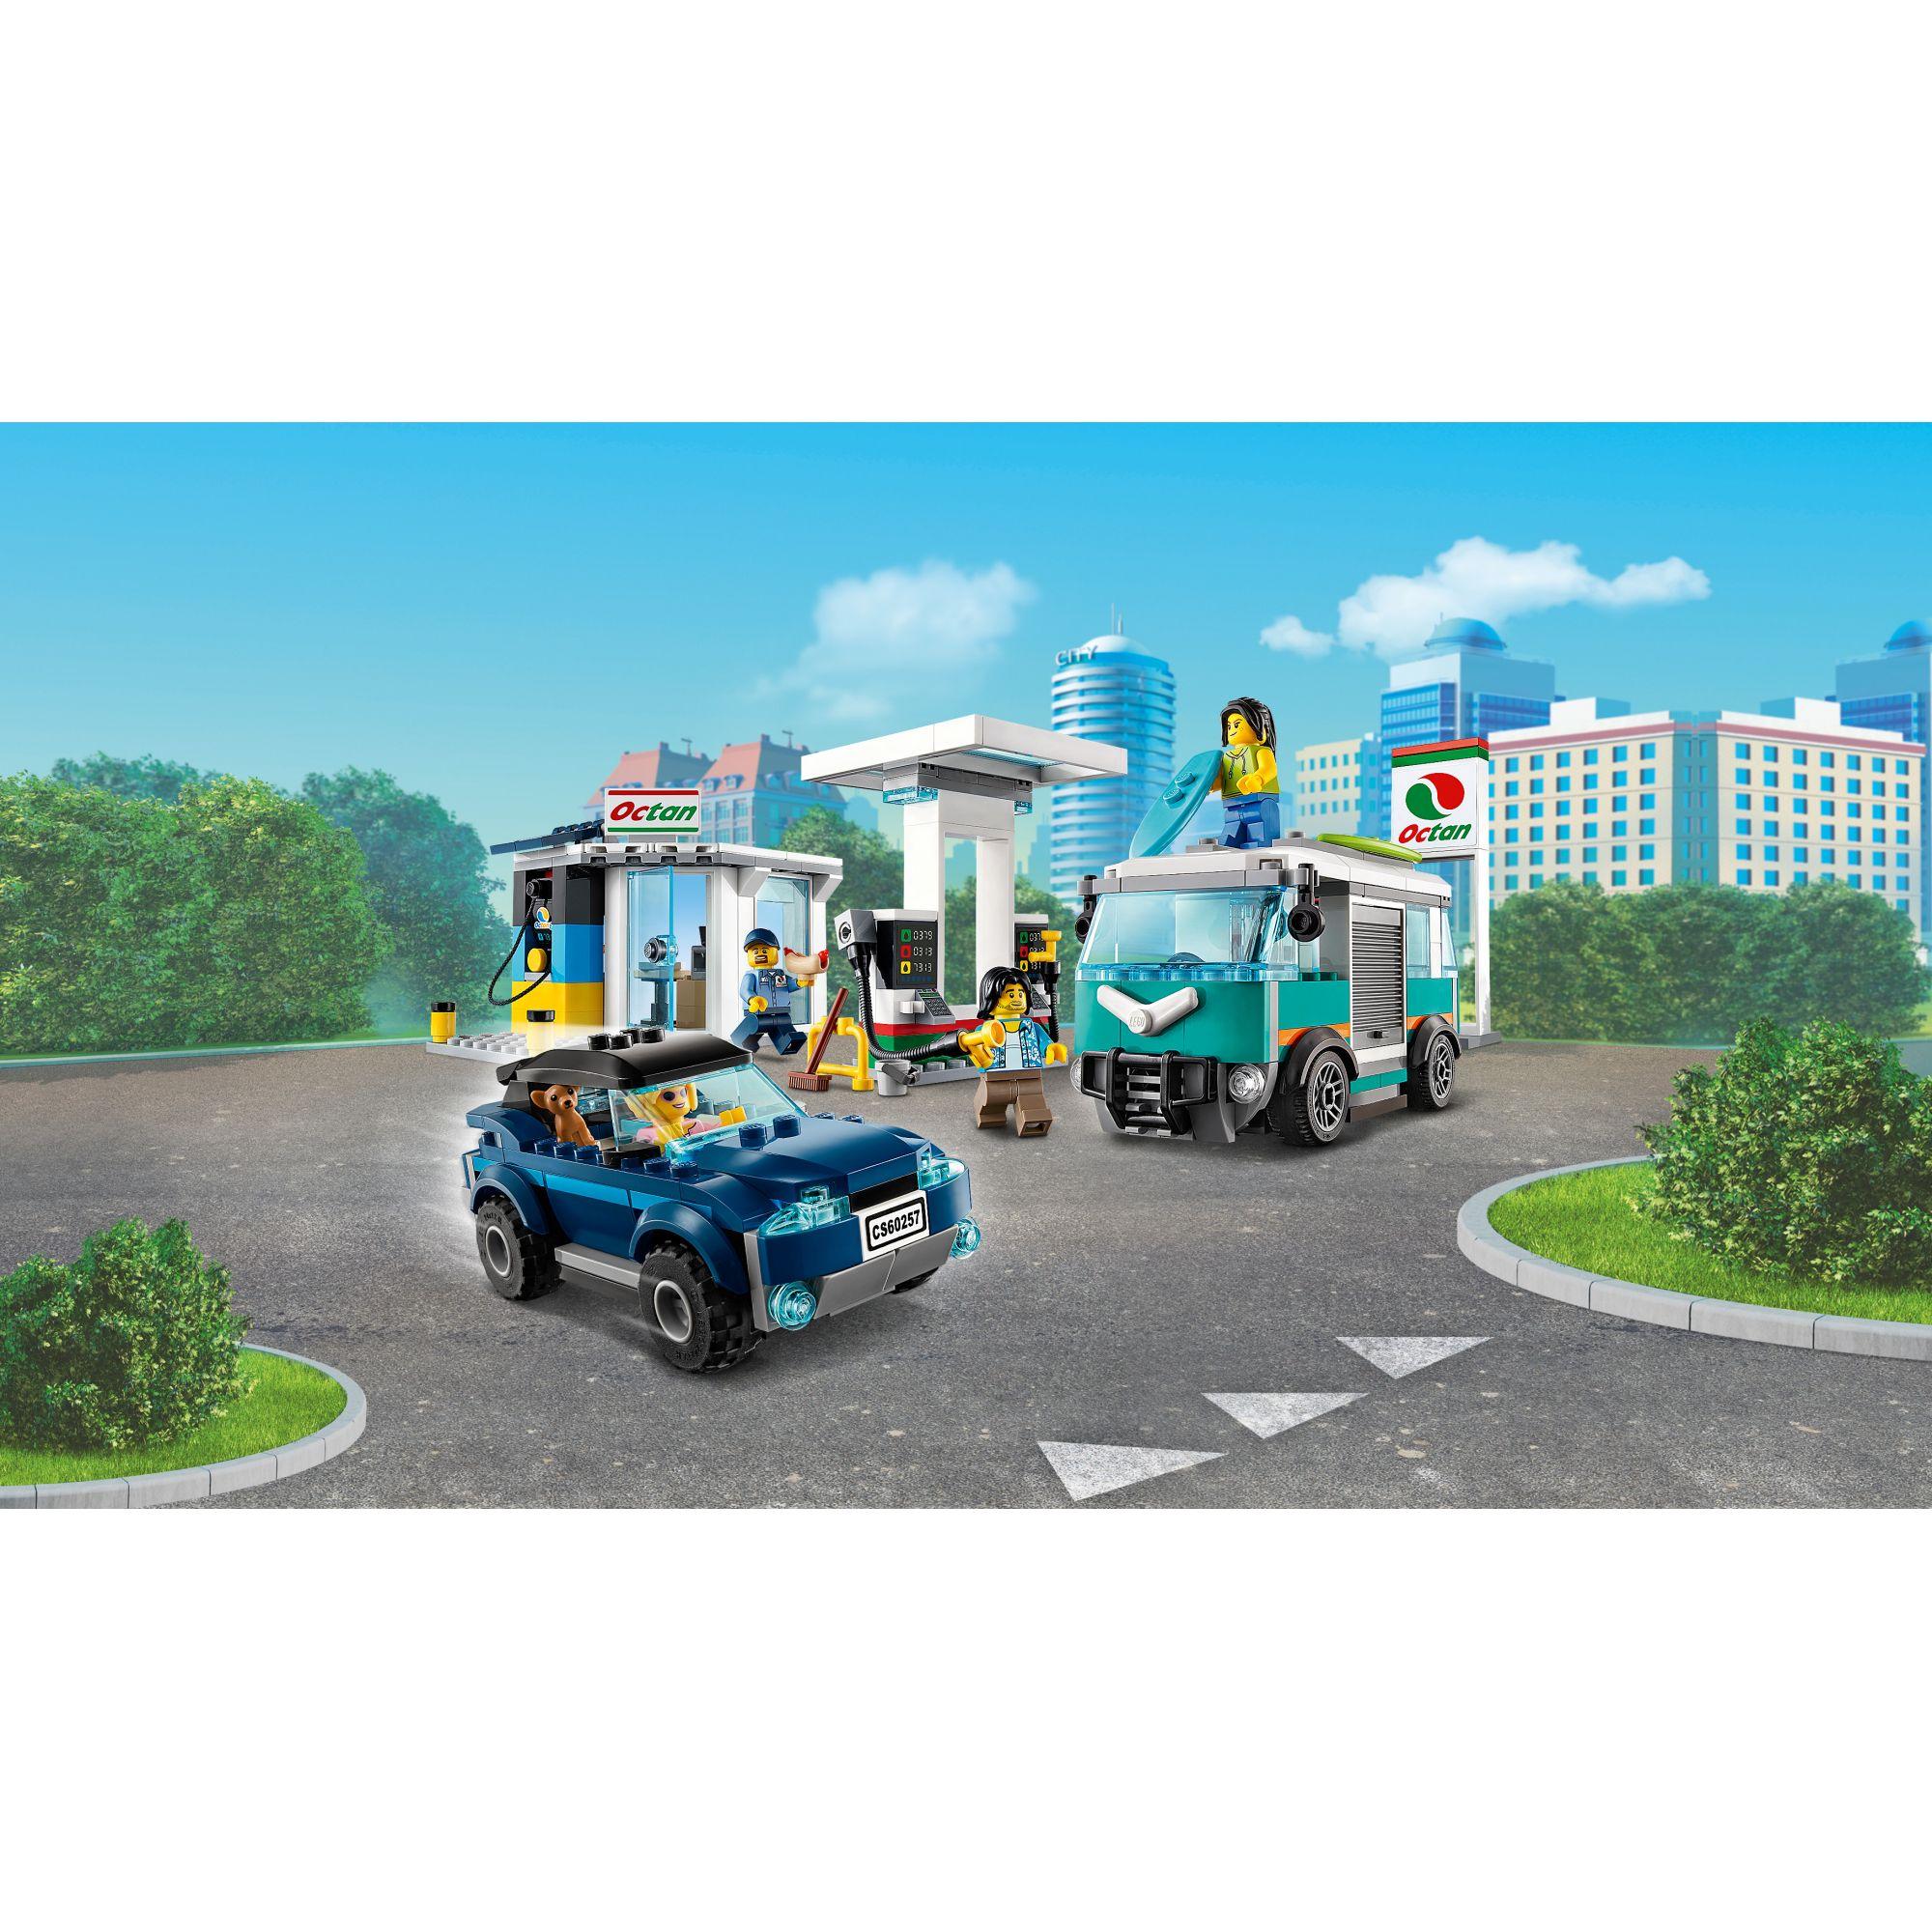 LEGO CITY  LEGO City Stazione di servizio - 60257